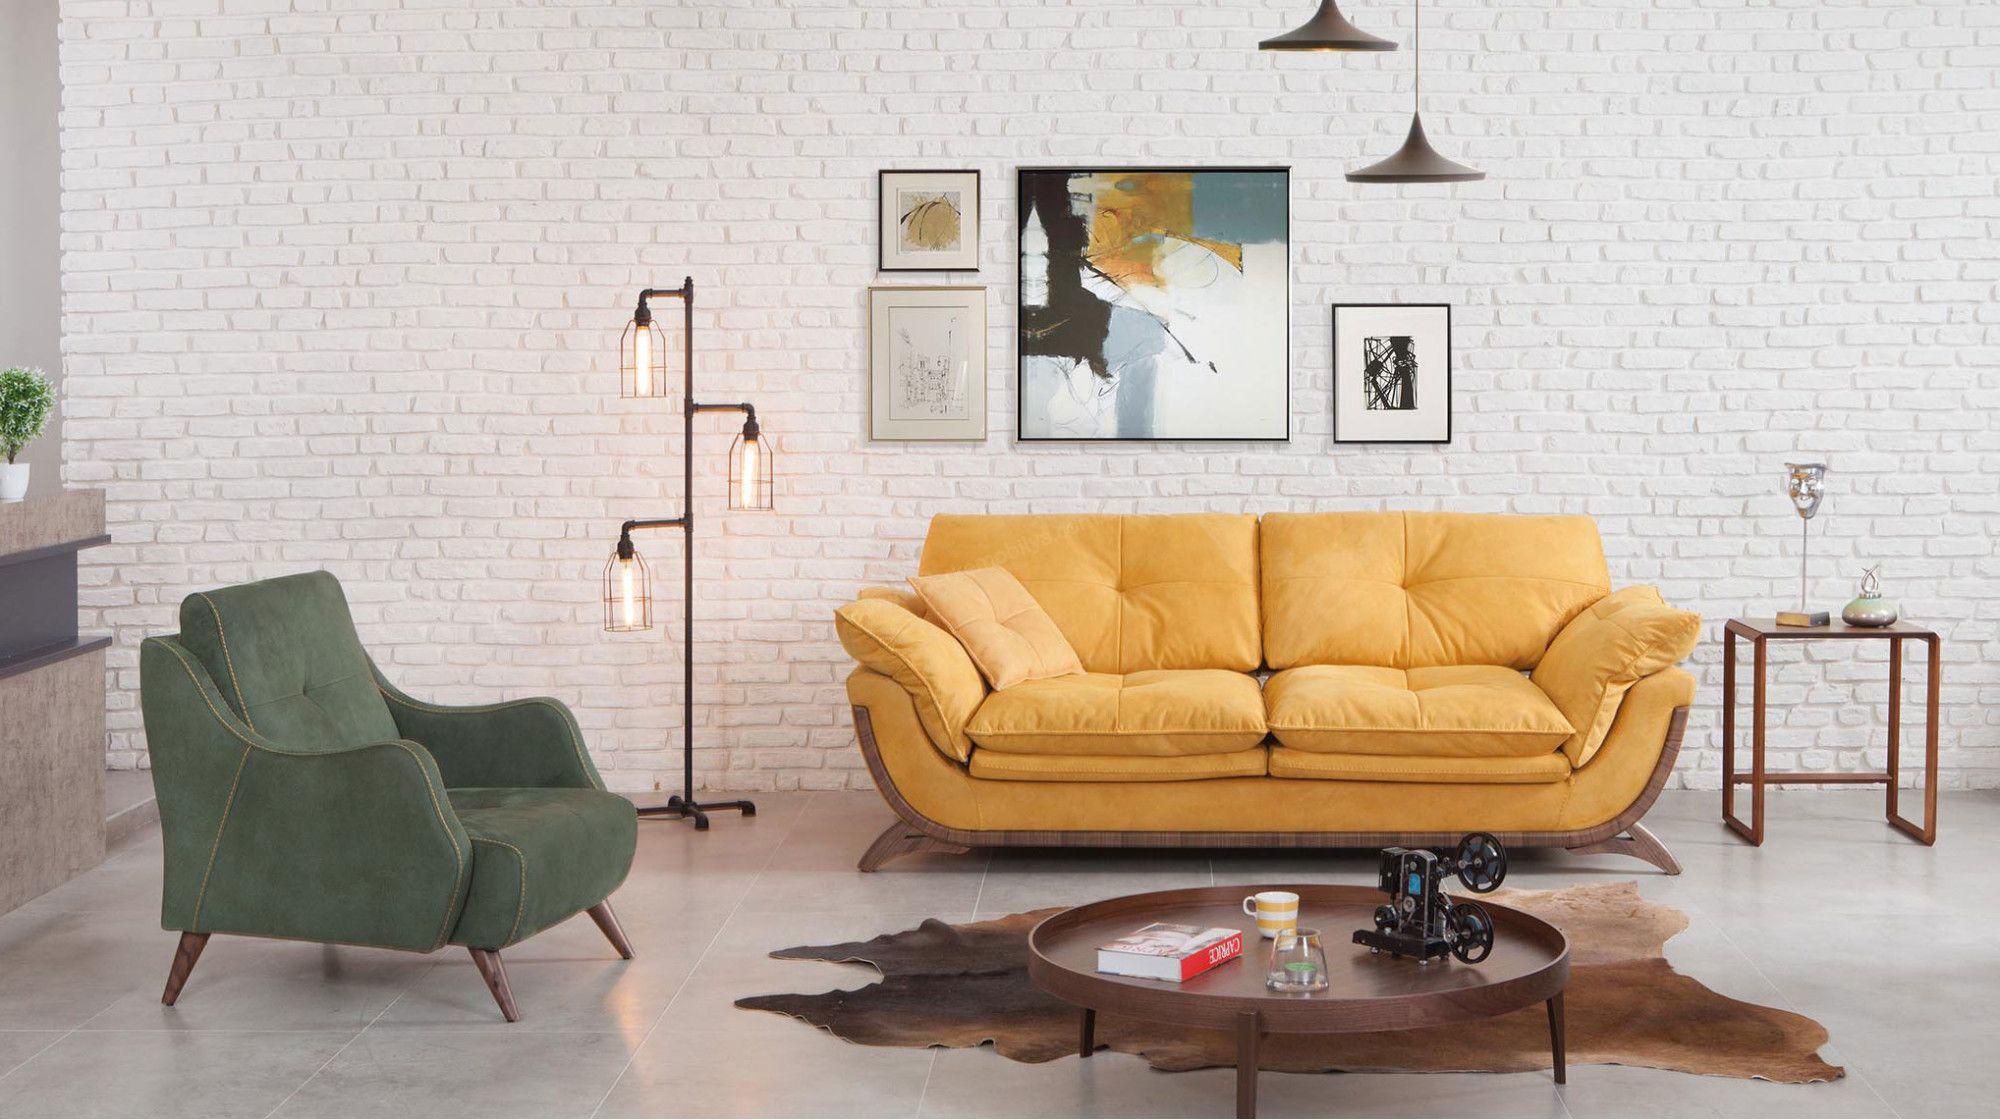 Lucci Modern Salon Ve Koltuk Takimi Mobilya Fikirleri Mobilya Ev Icin